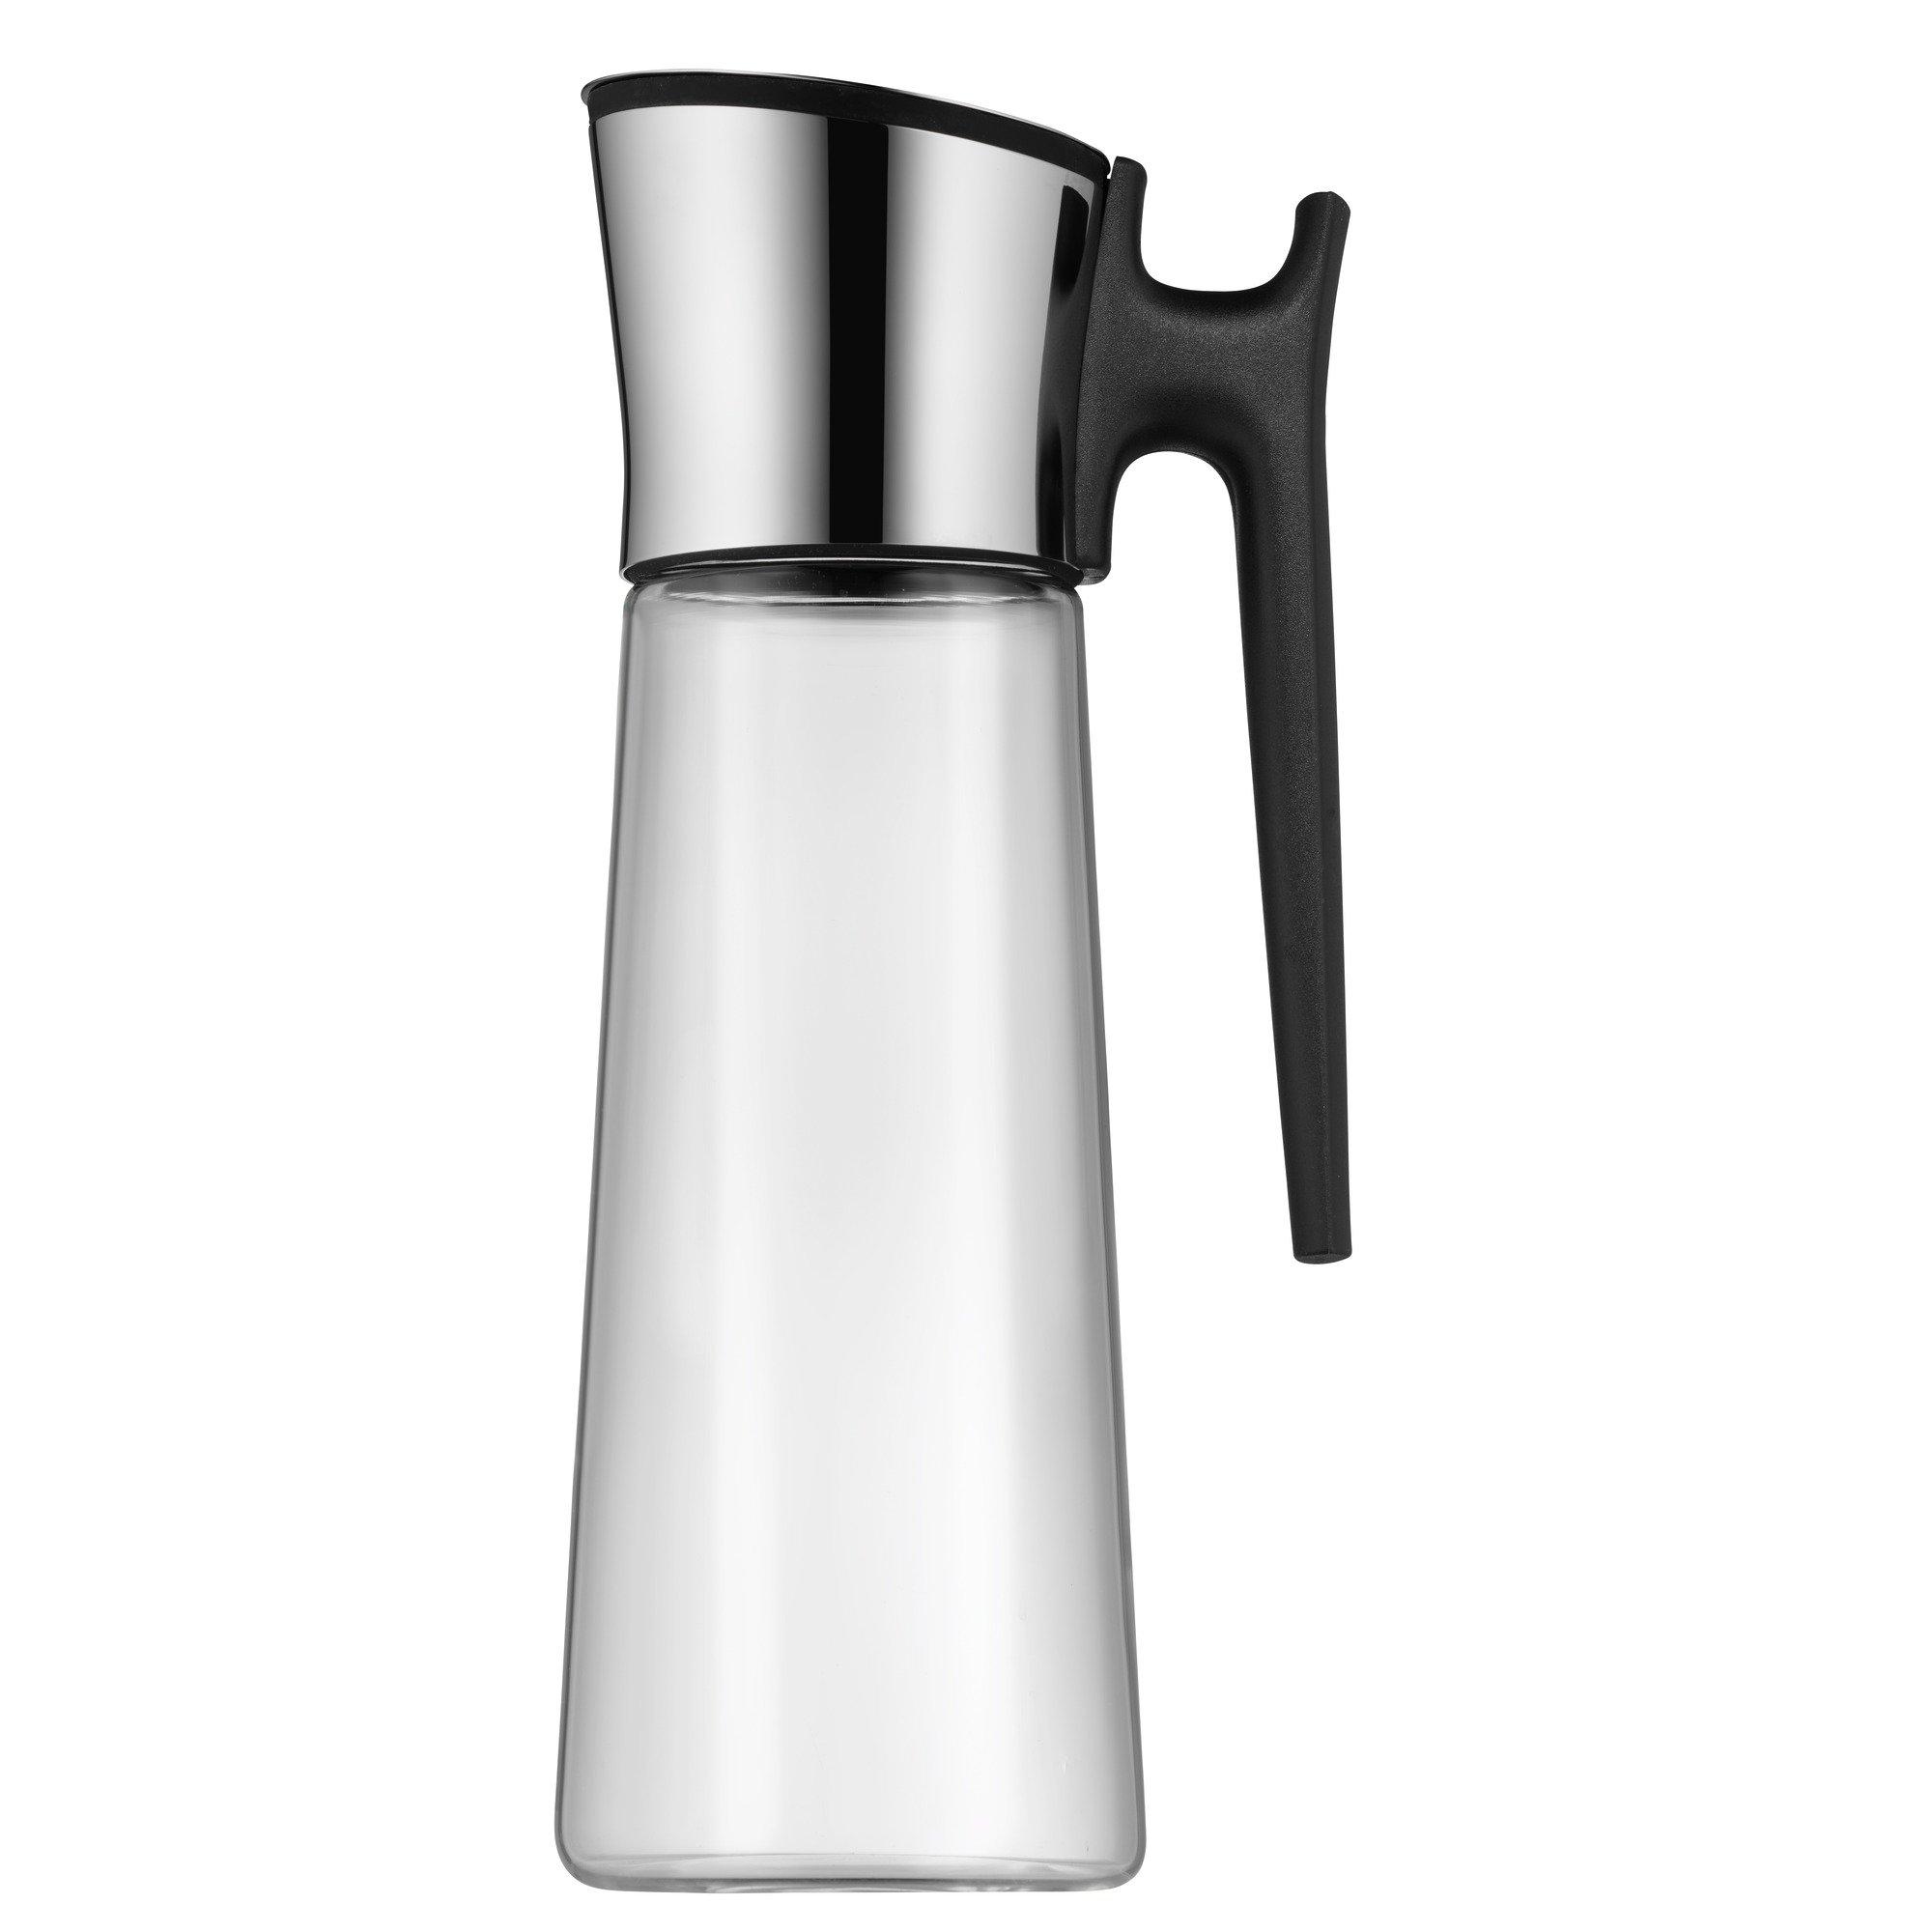 Wasserkaraffe mit Griff 1,5 l schwarz Basic